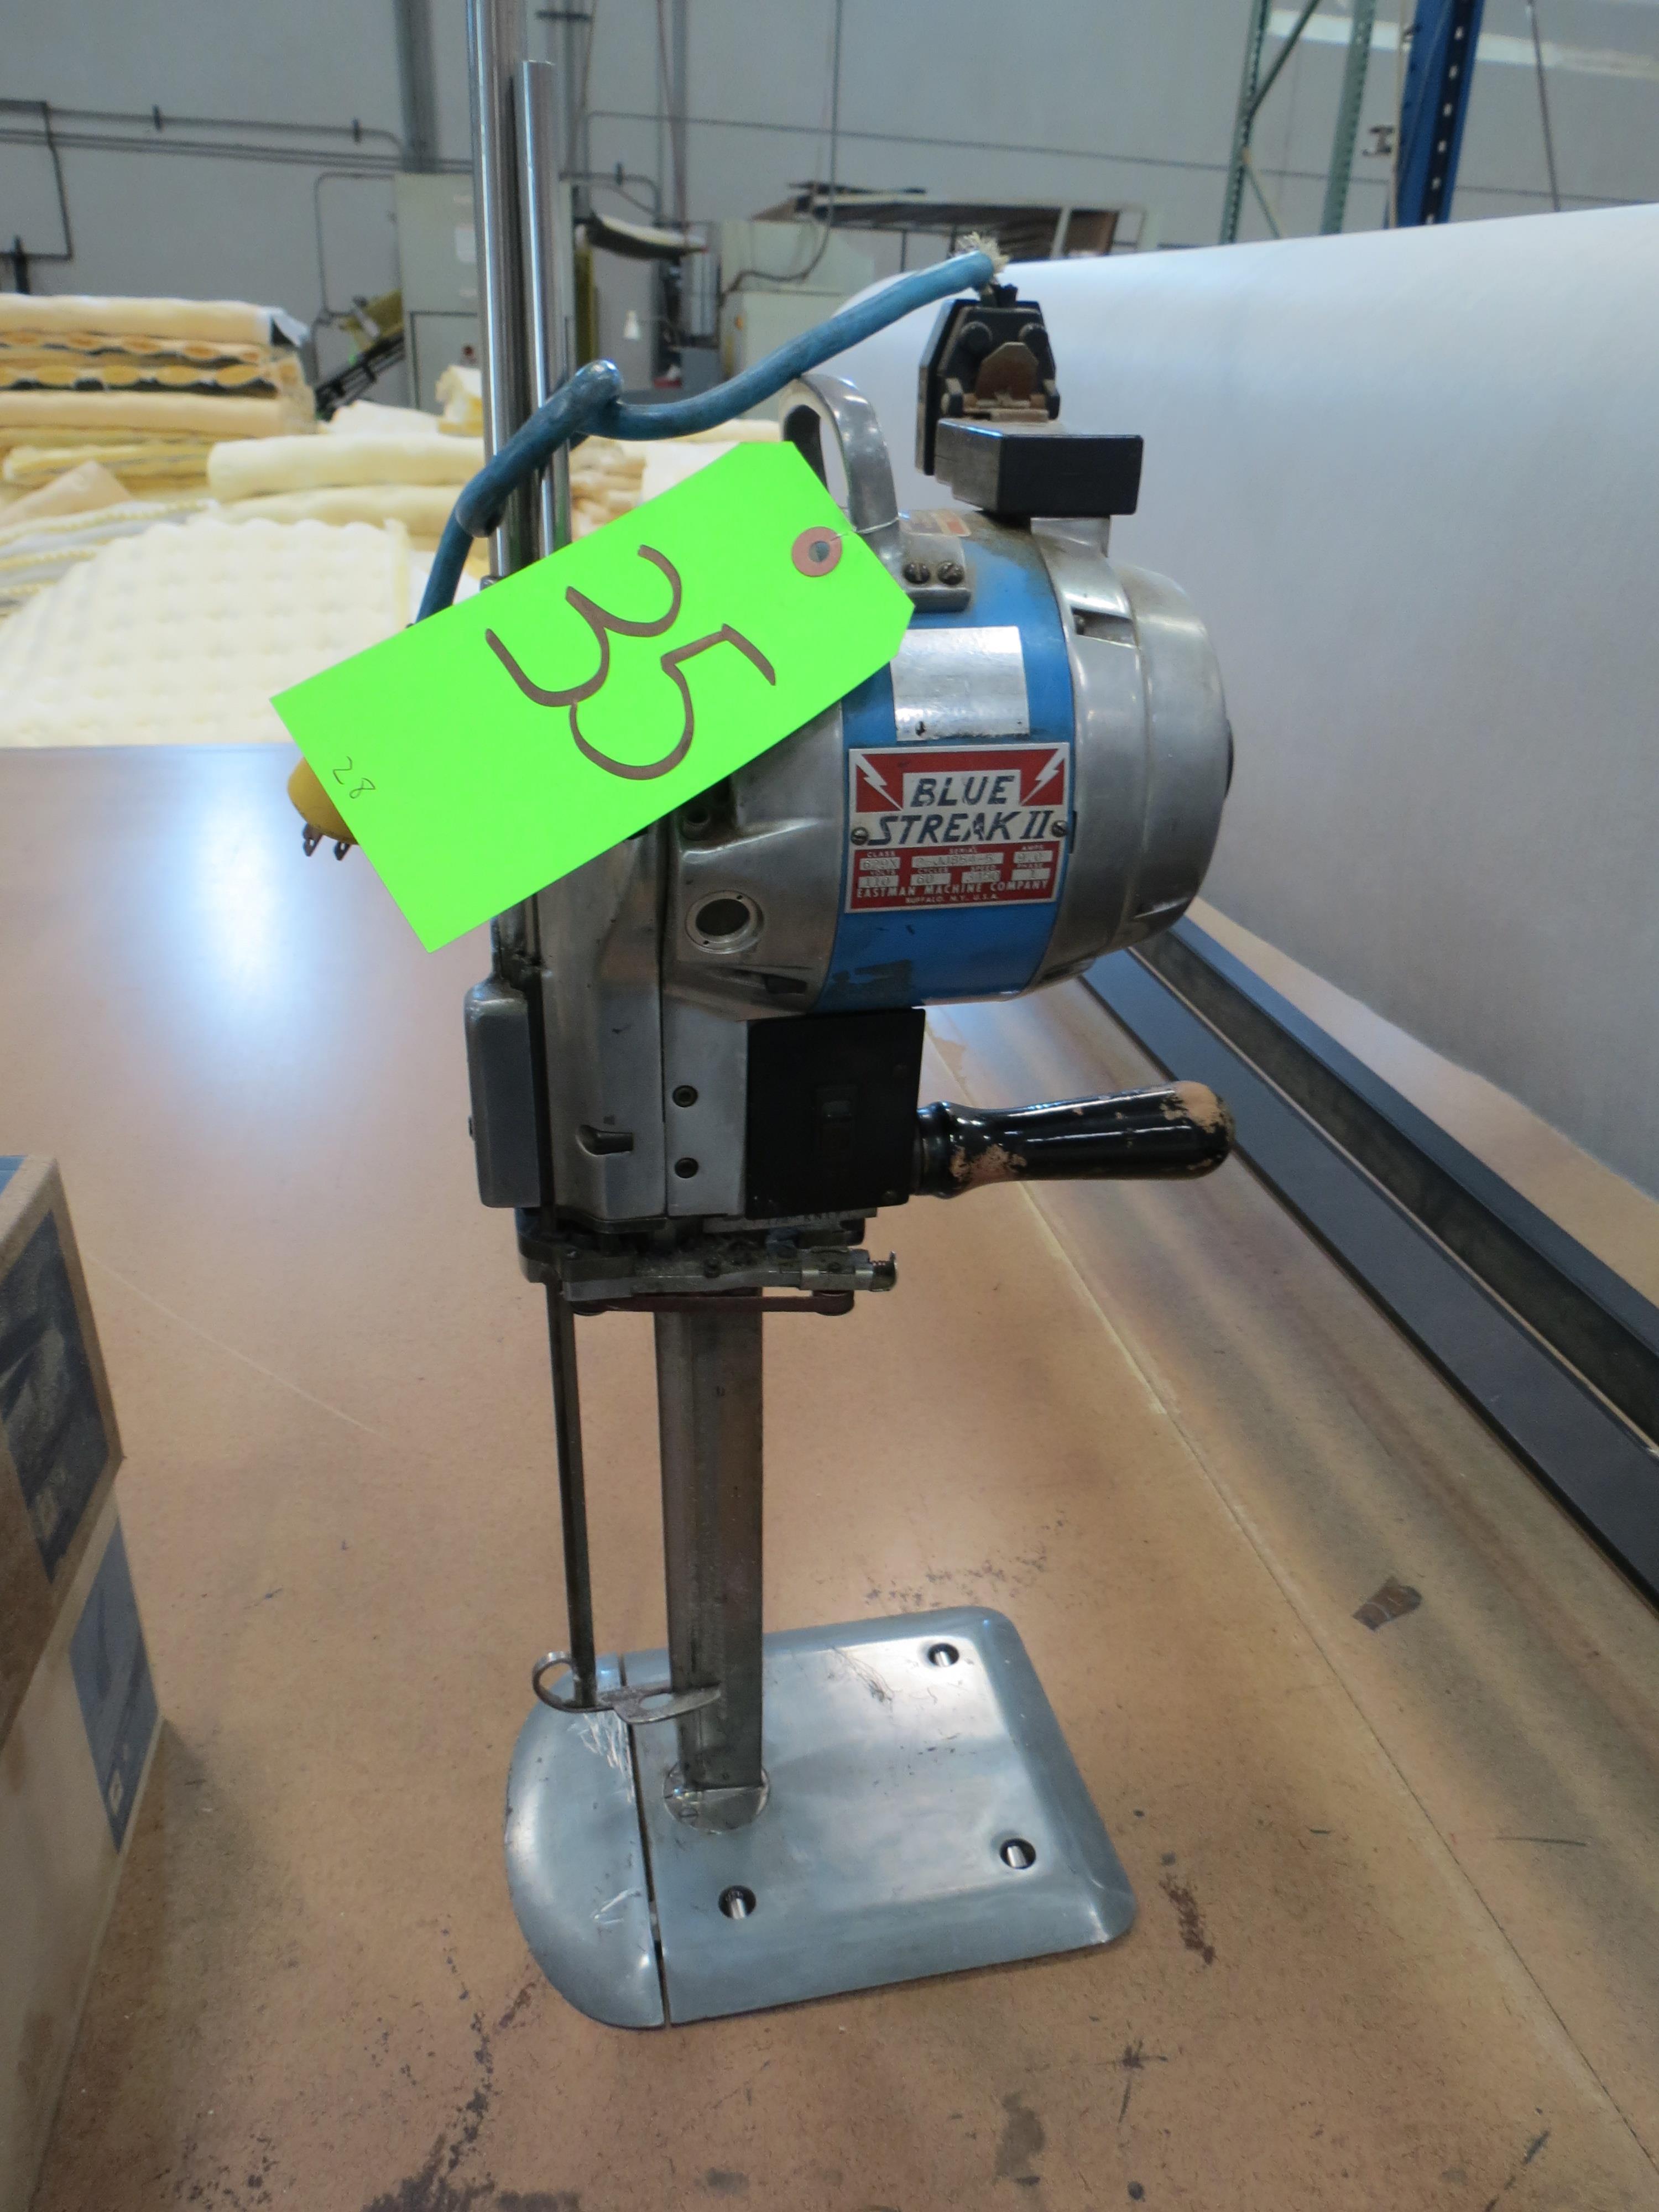 Eastman Blue Streak II 629X Hand Cutter Machine, 110V, SN:2-JJ854-5